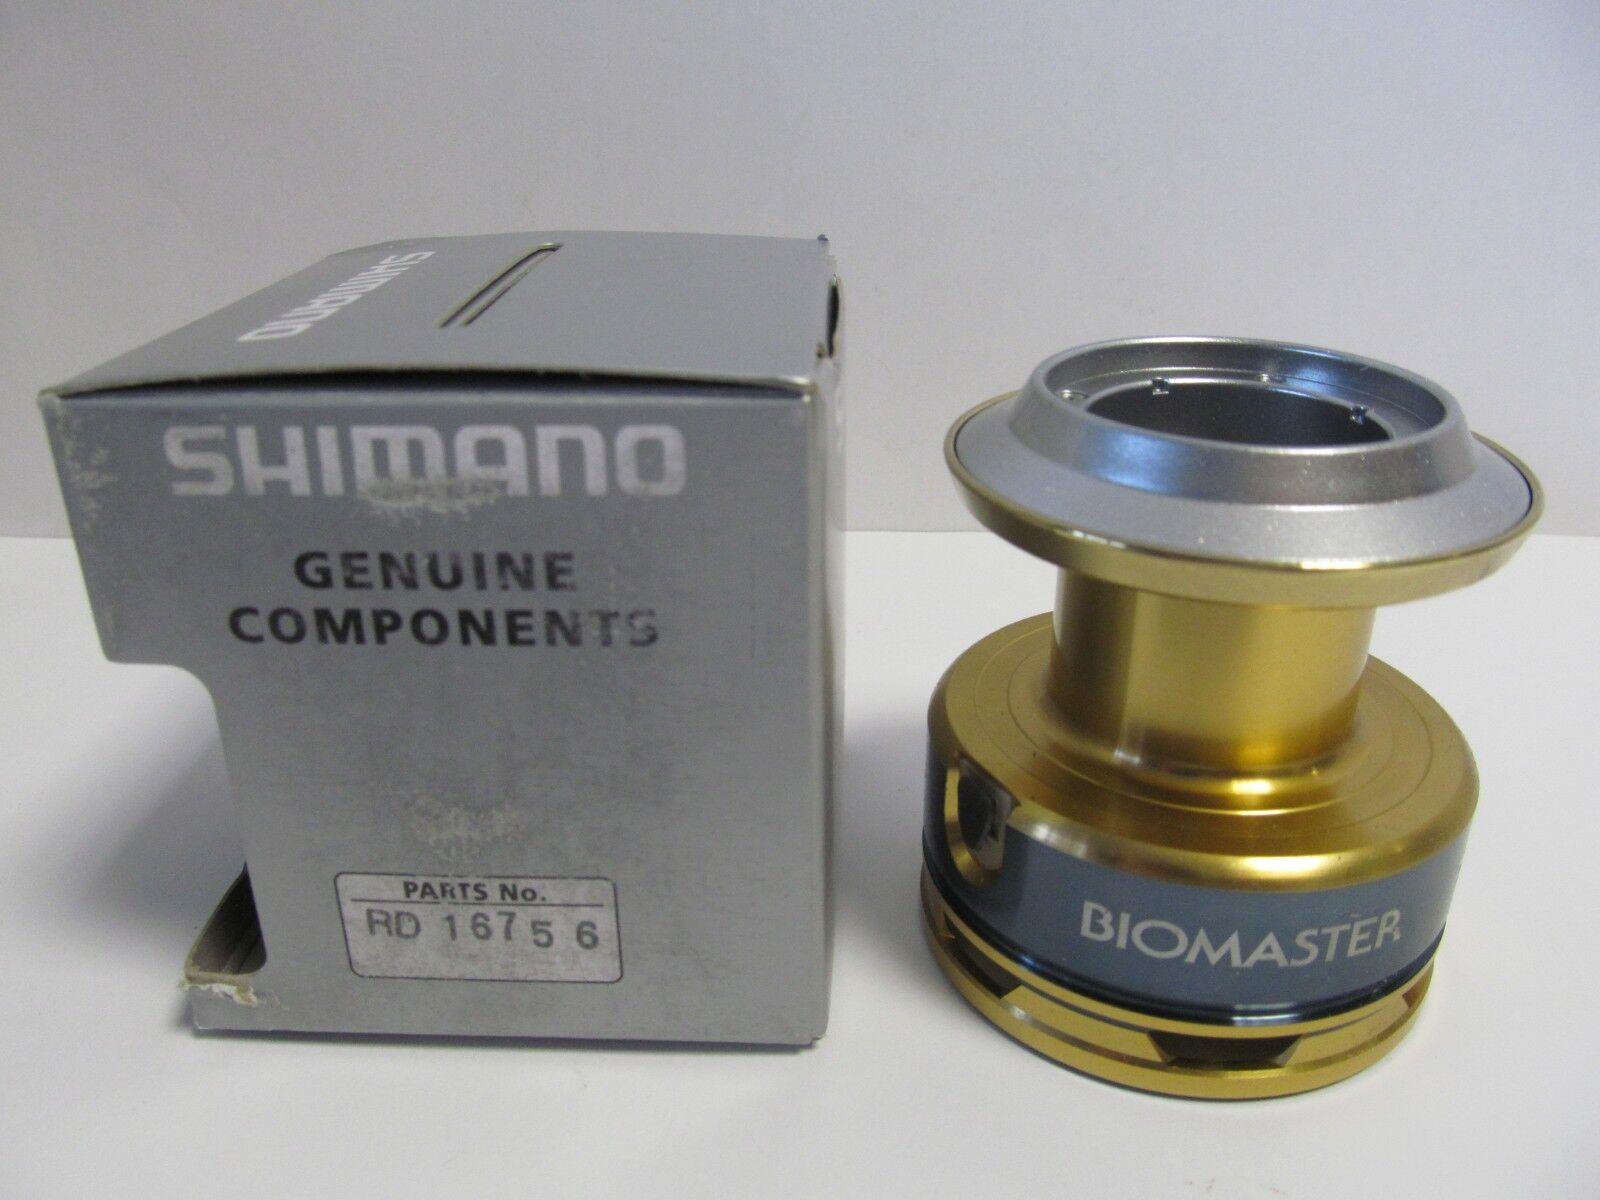 Carrete de repuesto Shimano Biomaster 8000 SWA PG